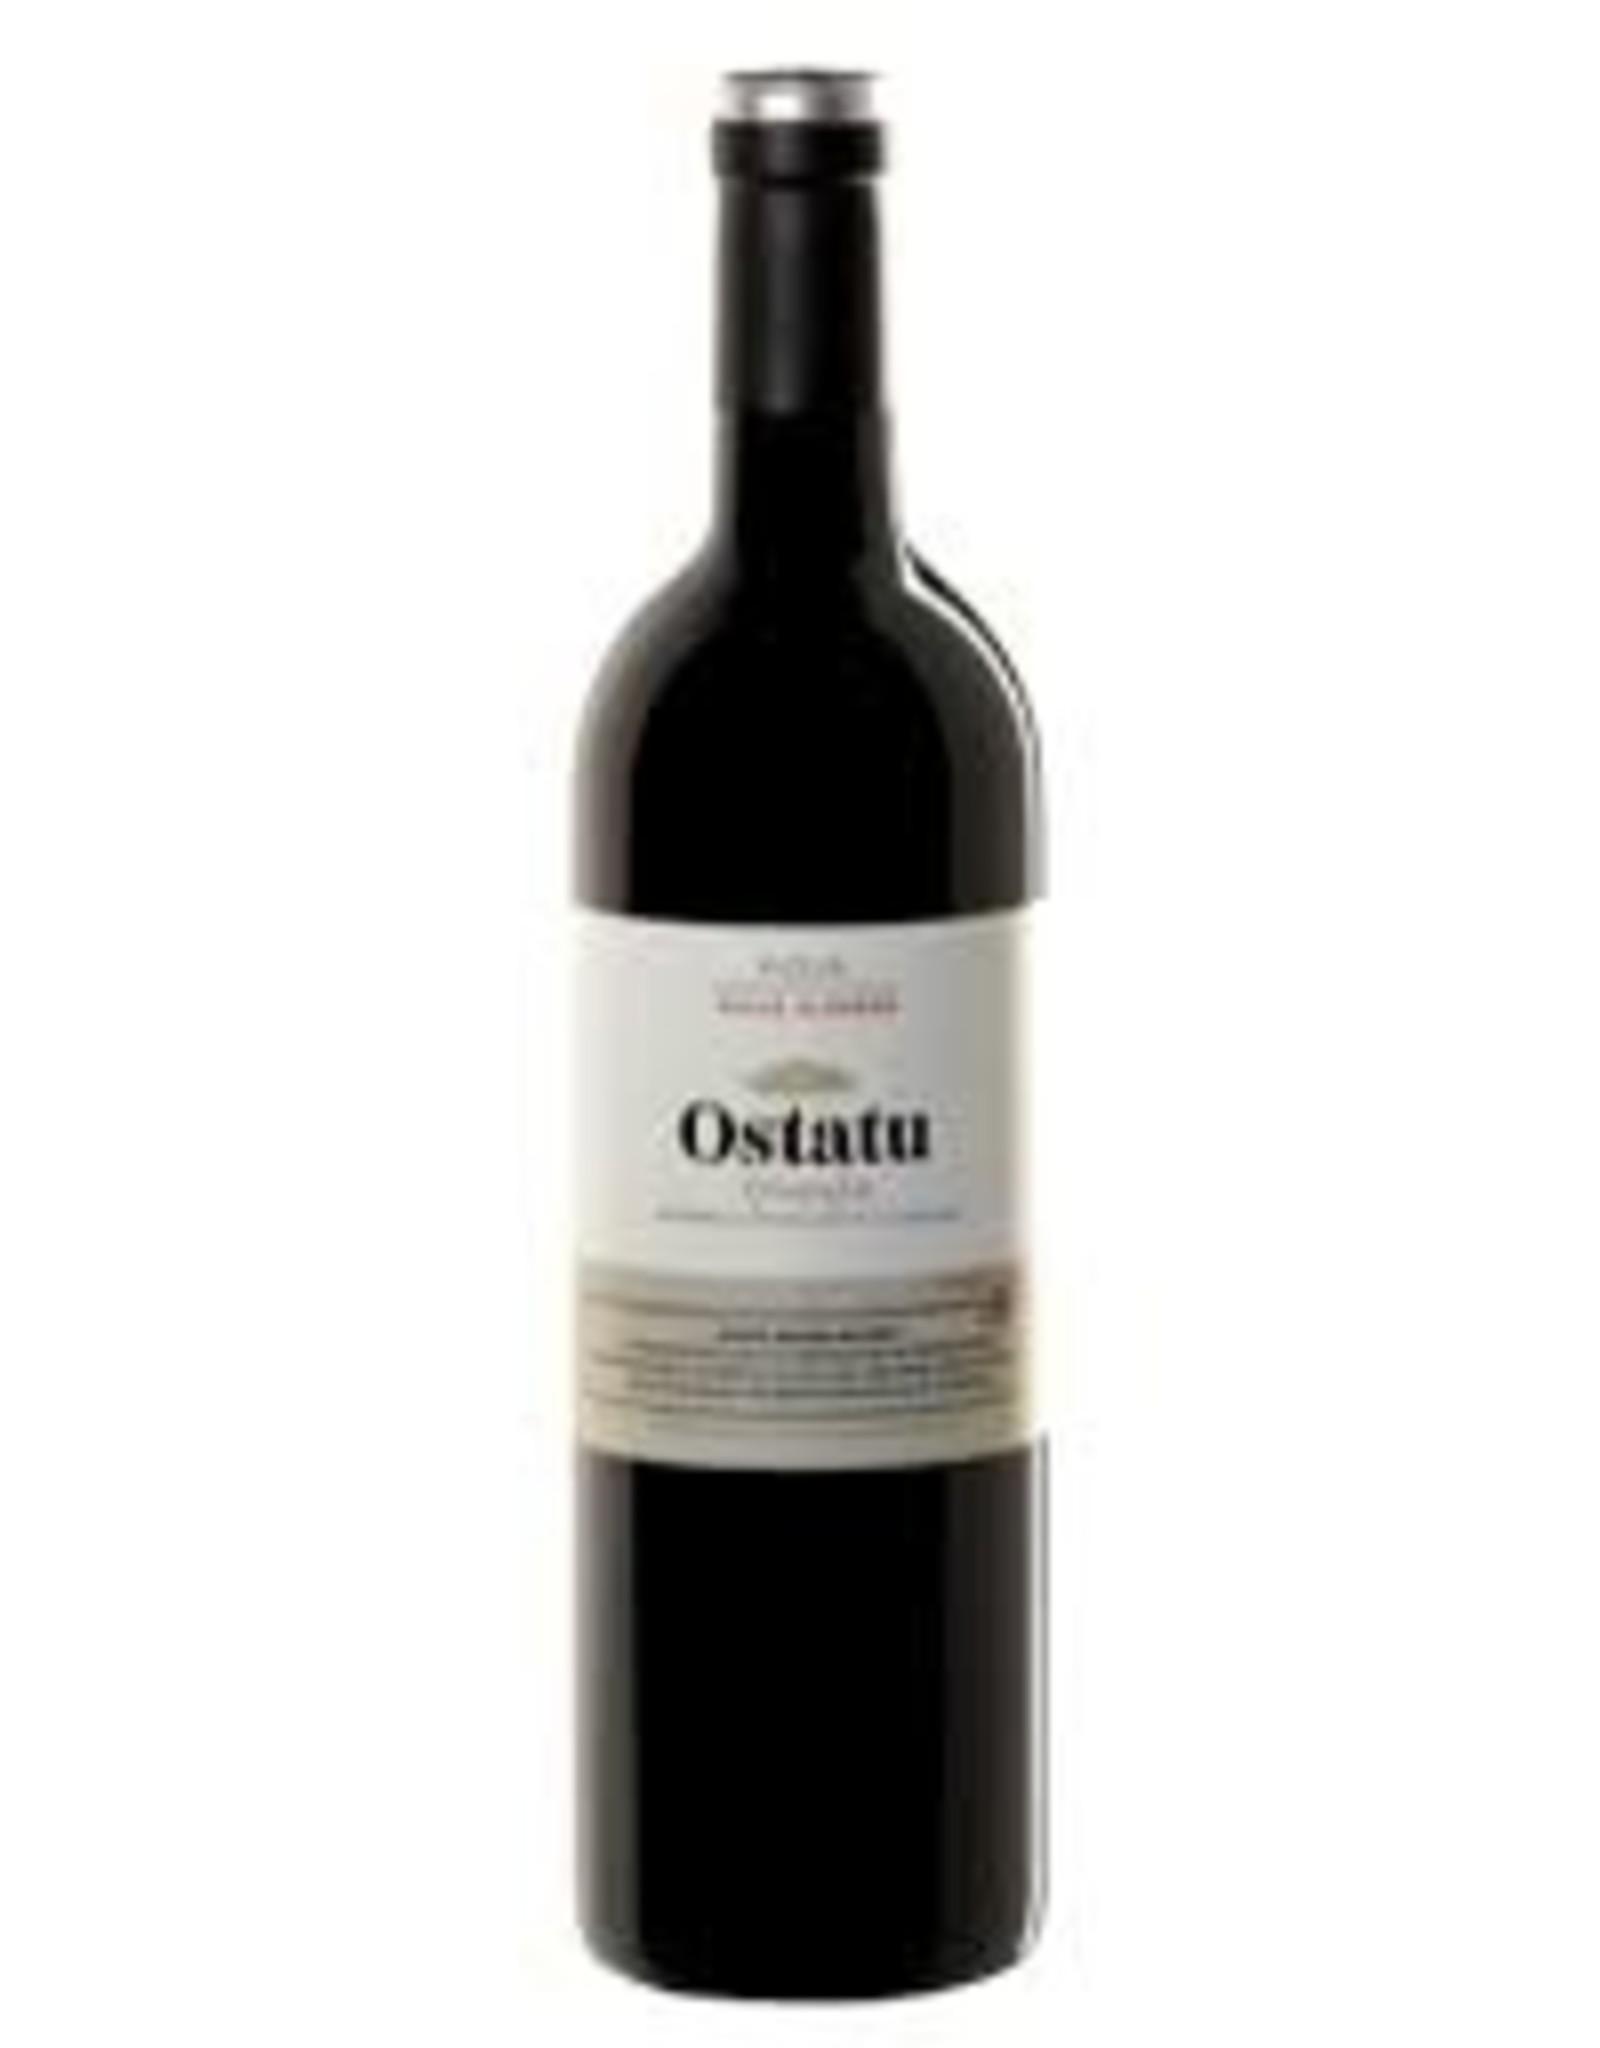 Ostatu Rioja Reserva